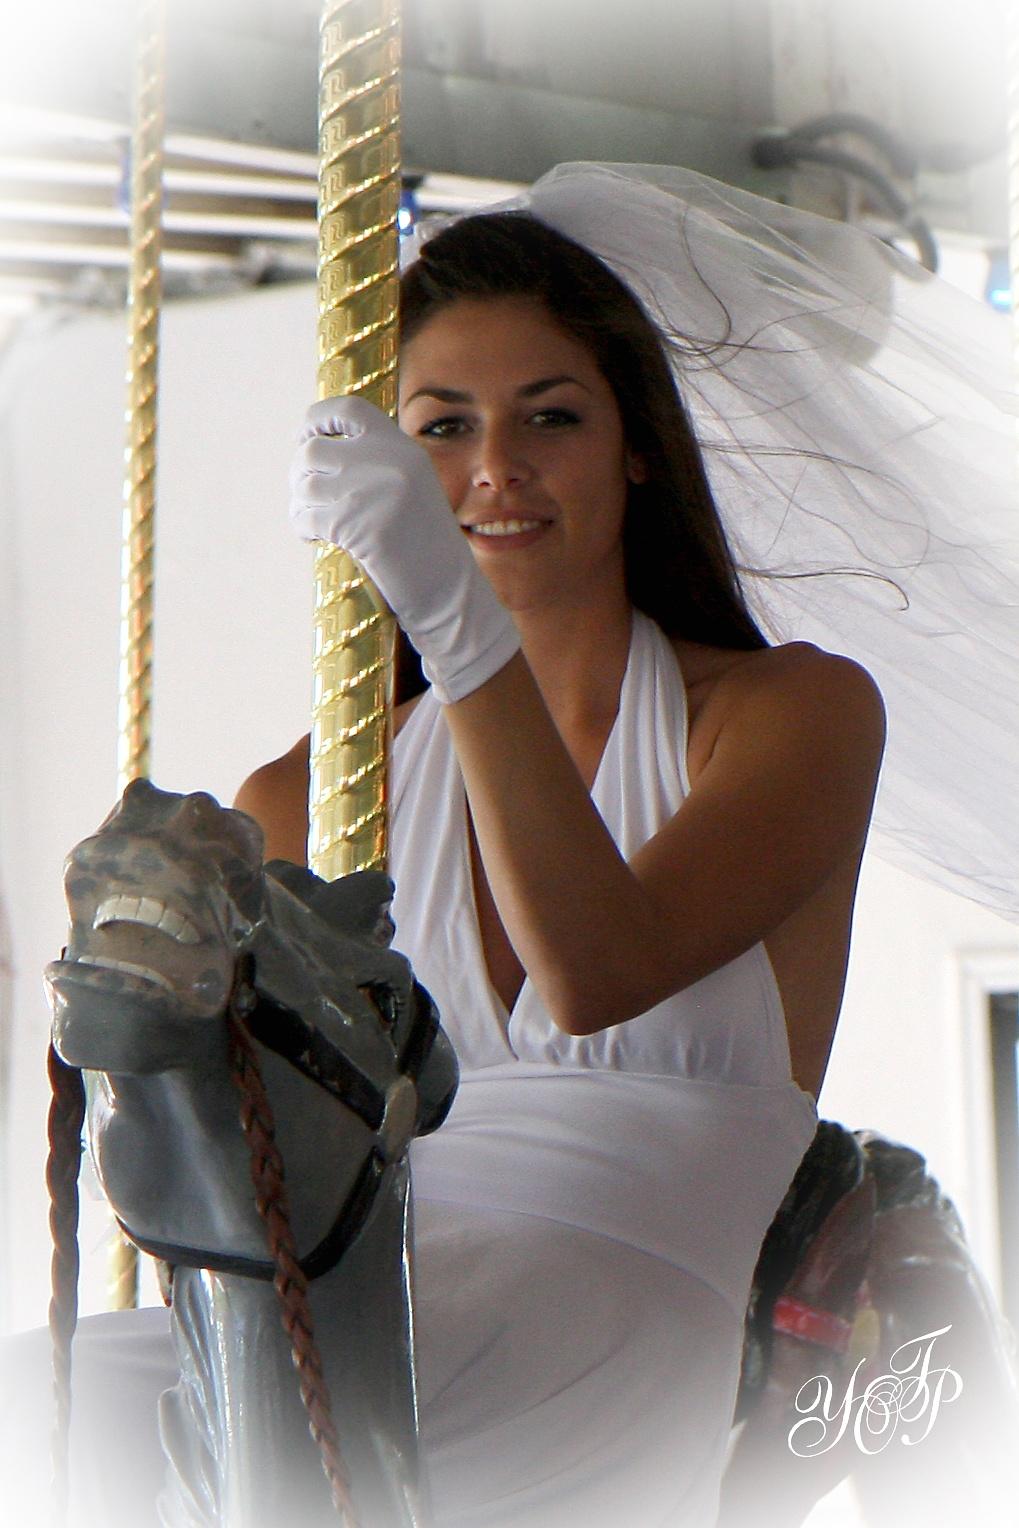 Carousel Bride by kurt.d.welker